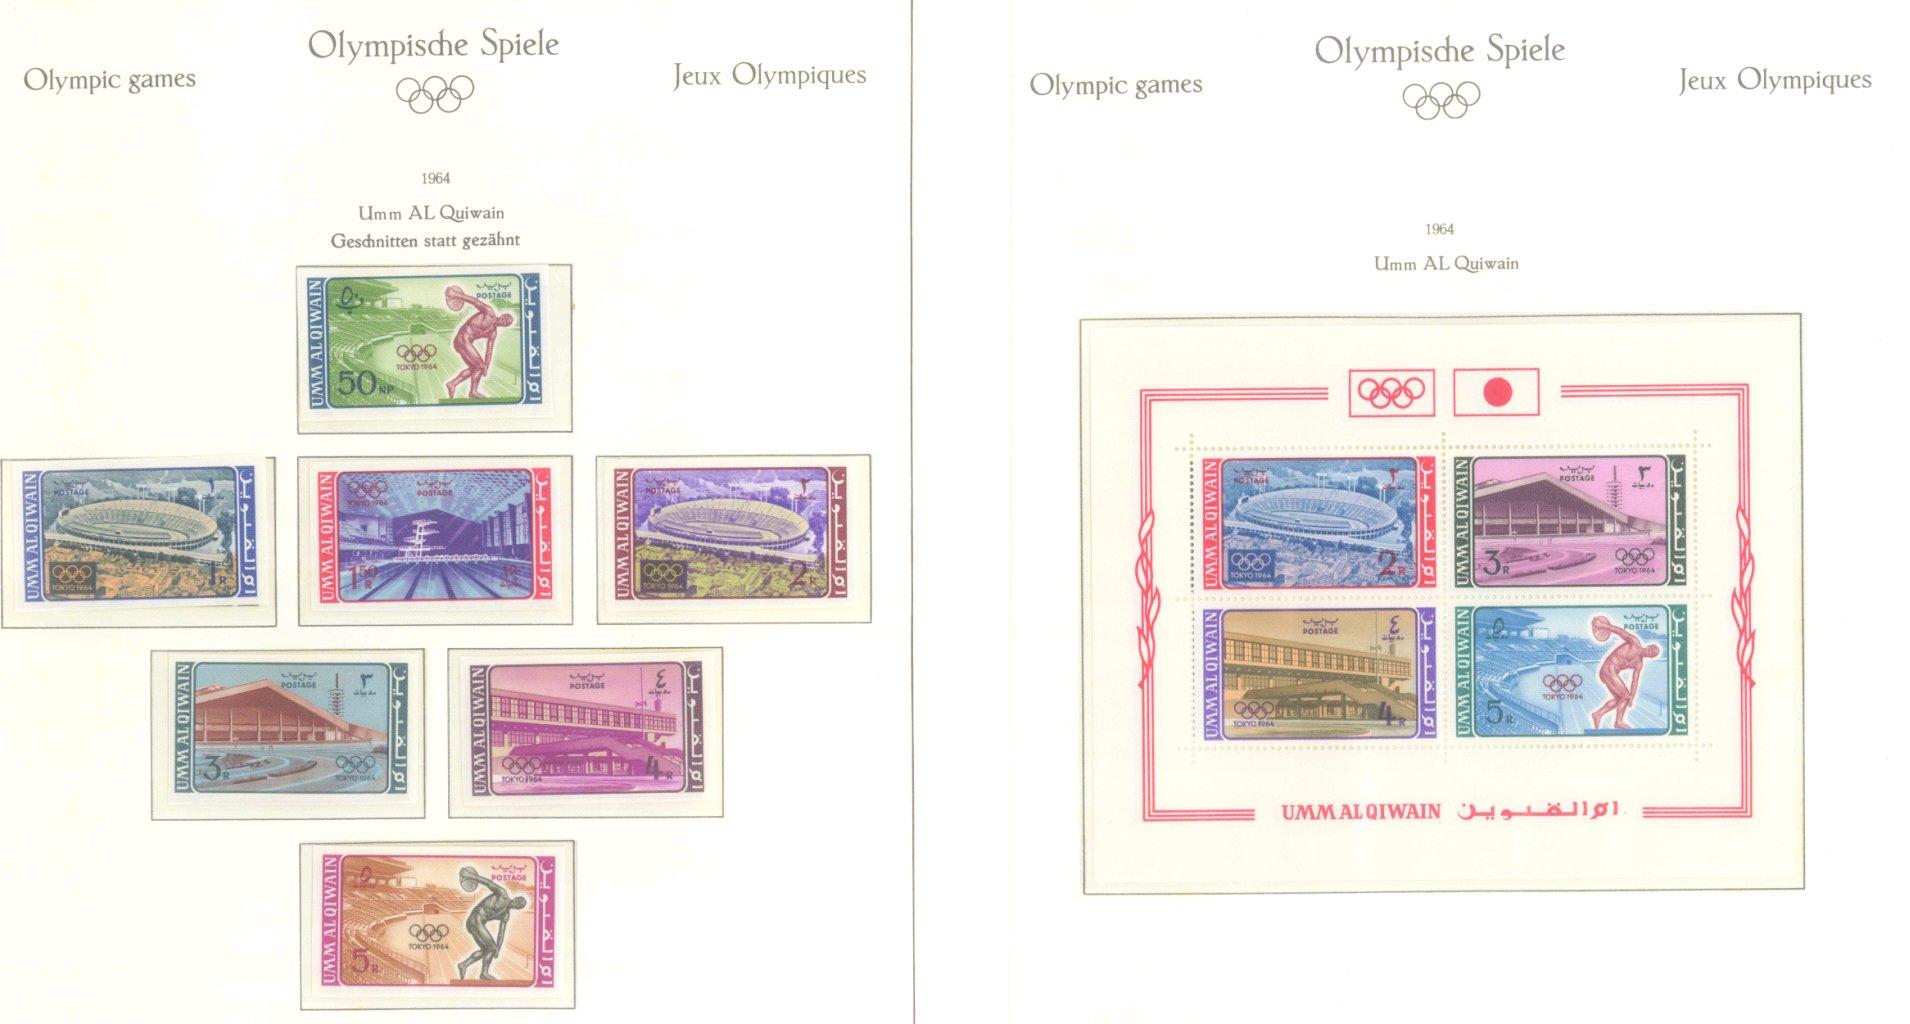 OLYMPISCHE SPIELE 1964 TOKIO, postfrische Sammlung Teil 2-47